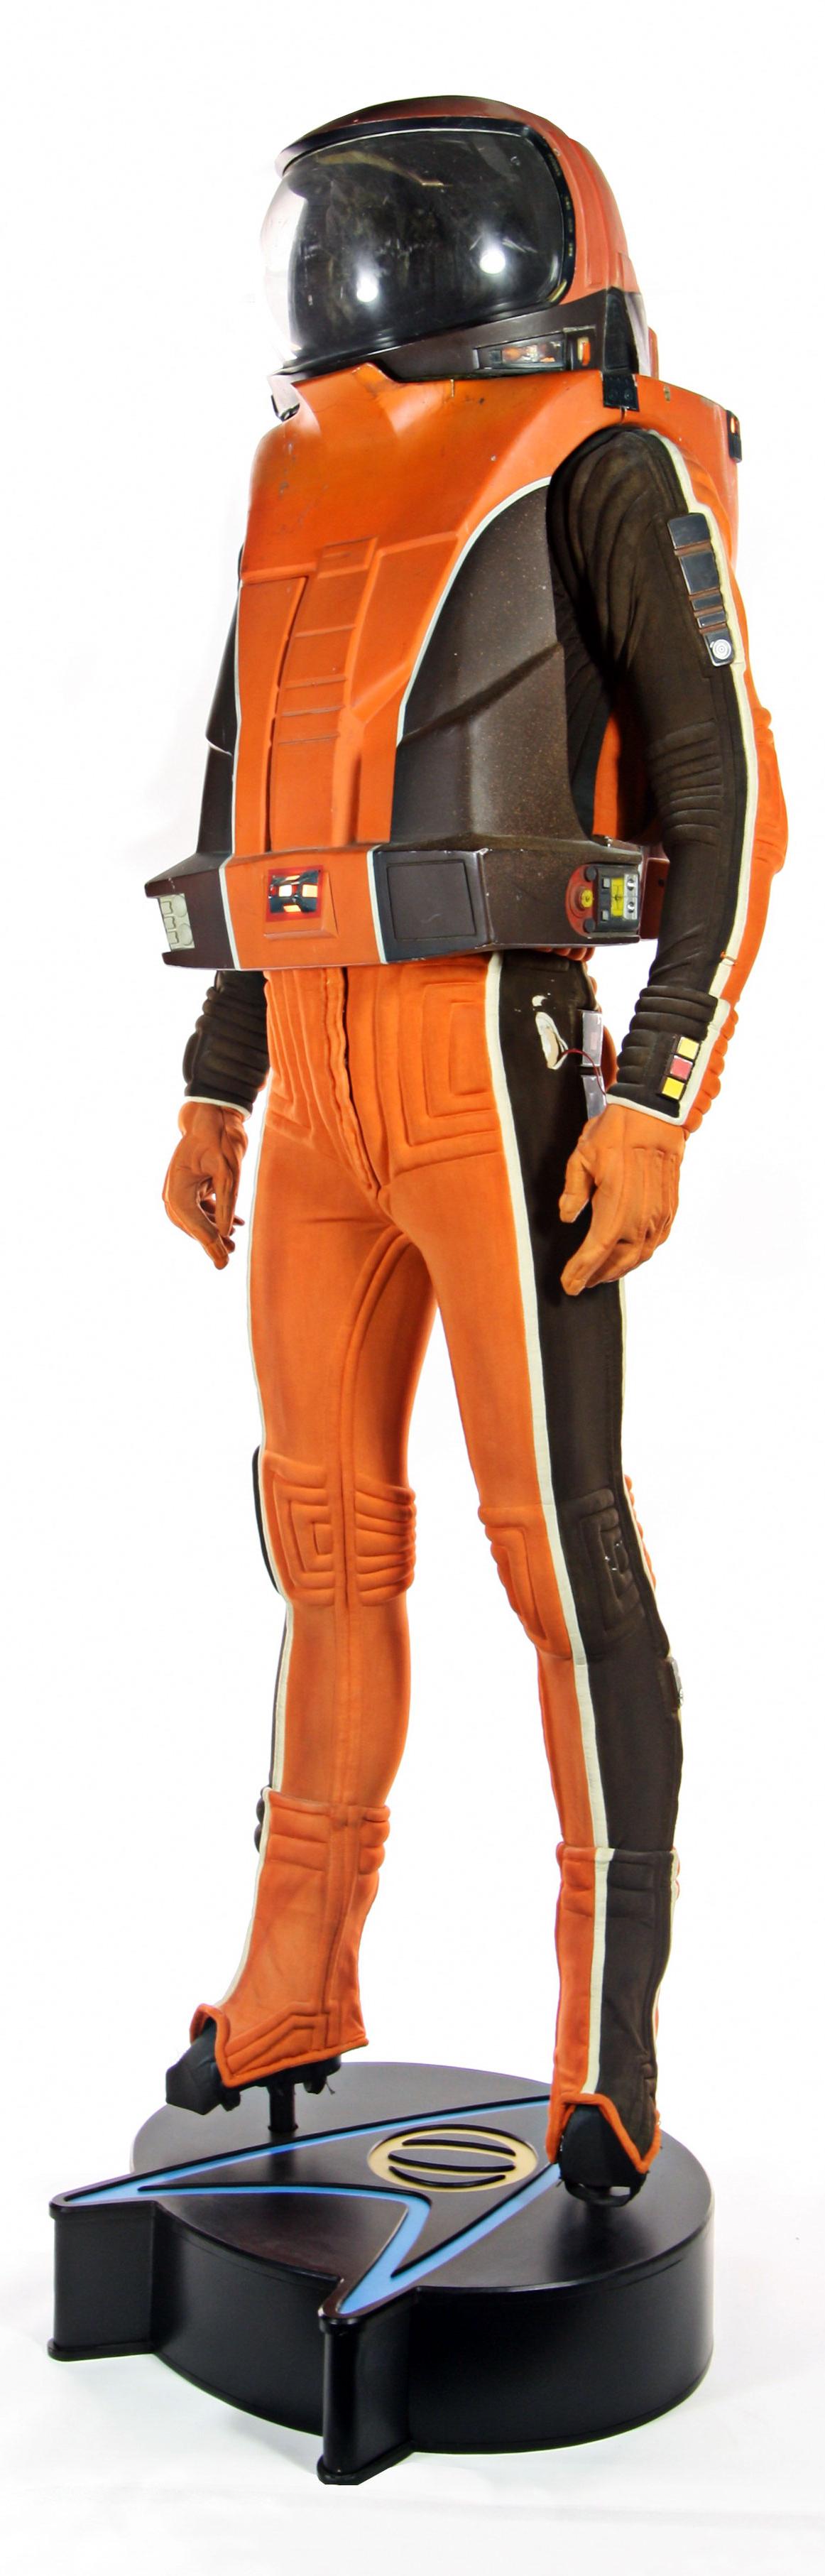 SpockSpaceSuit3